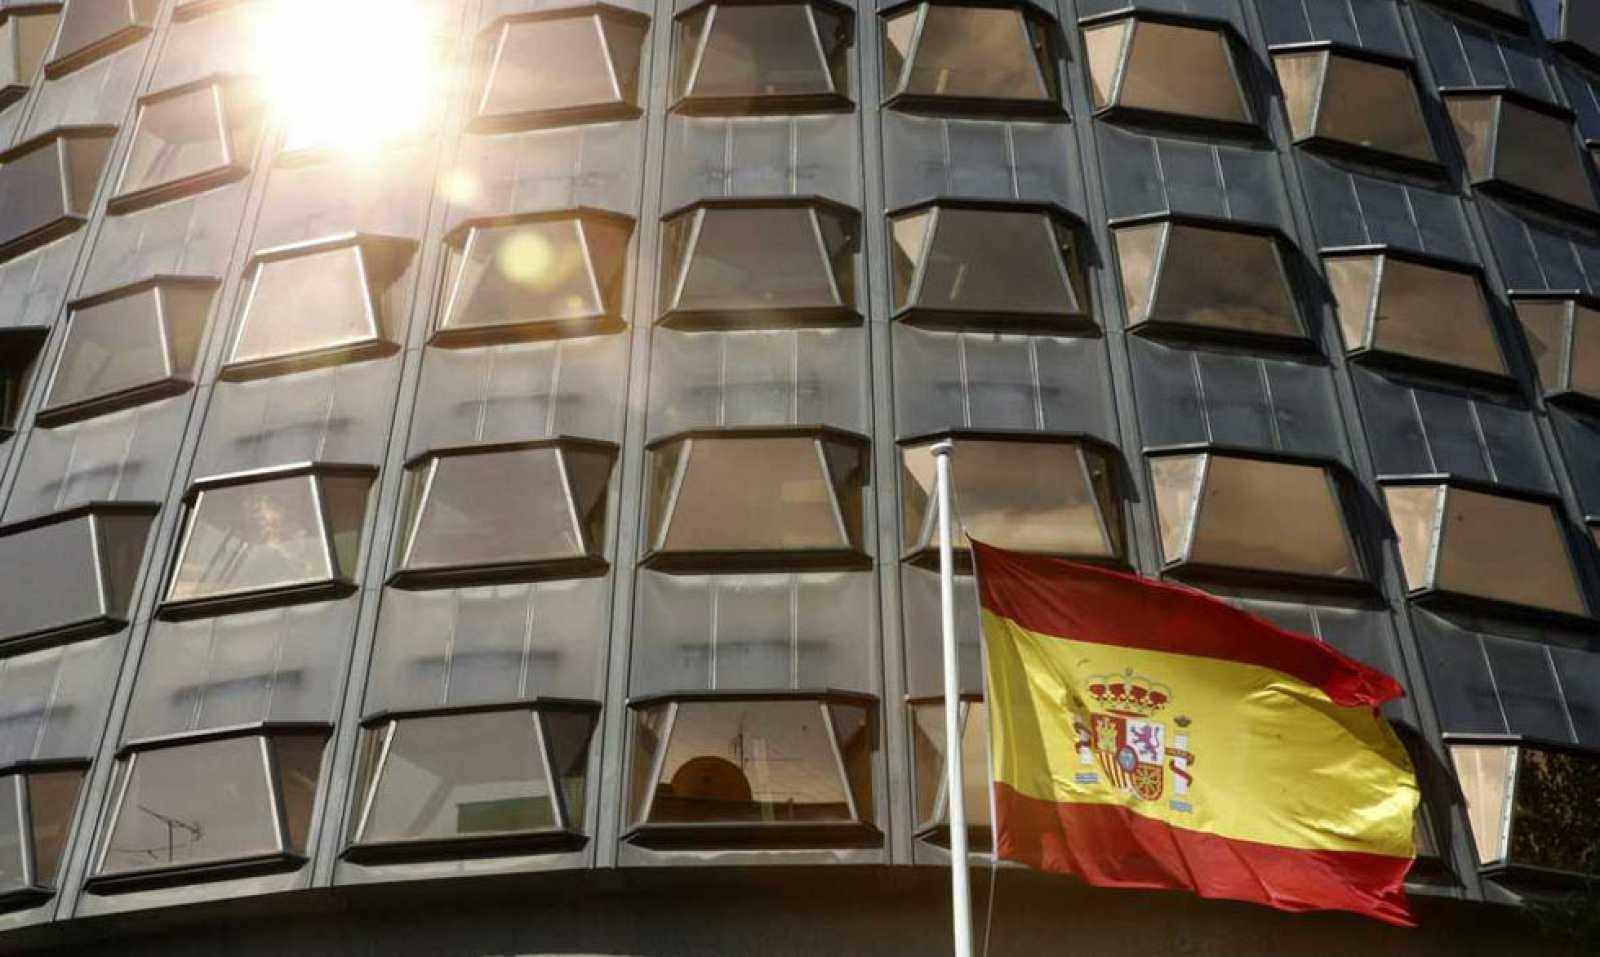 El Tribunal Constitucional suspende el referéndum soberanista en Cataluña previsto para 2017